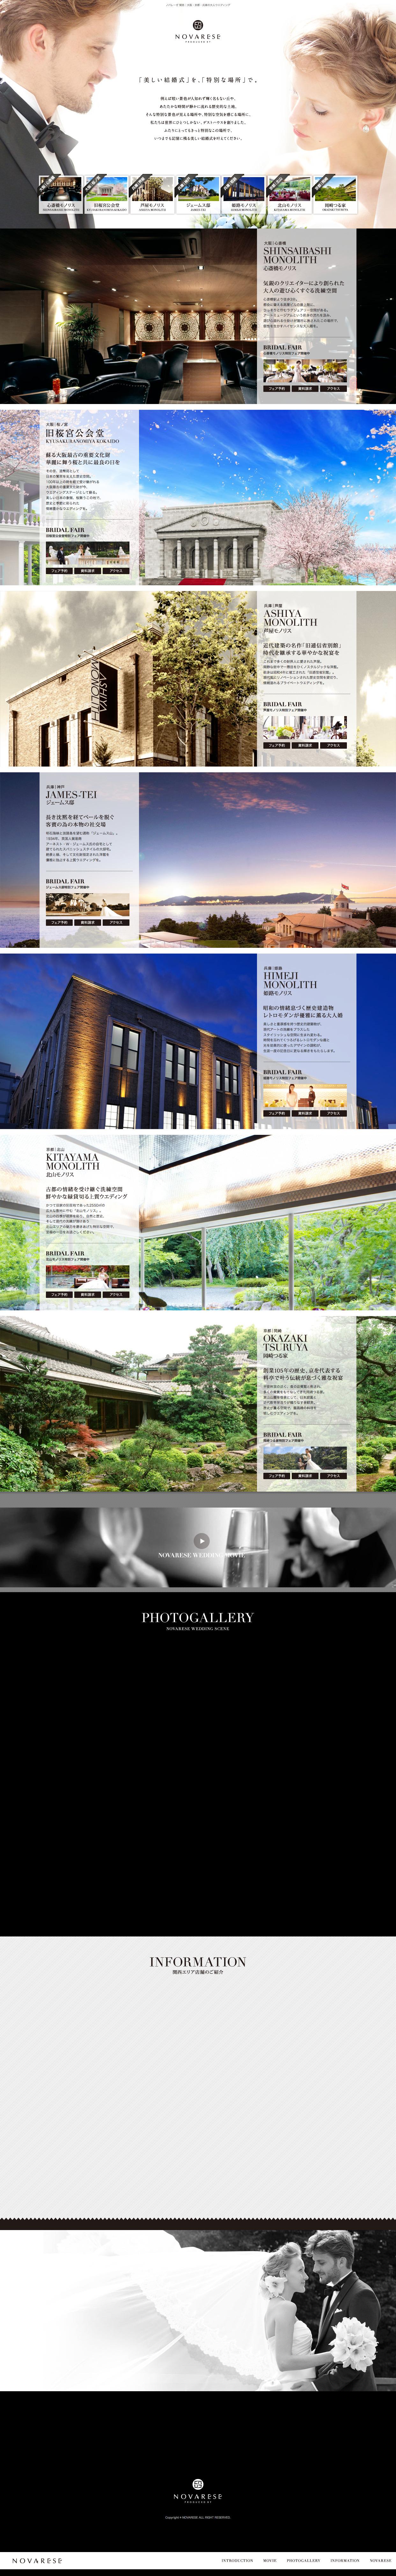 ノバレーゼ 関西の結婚式場|大阪・京都・神戸・芦屋の大人ウエディング